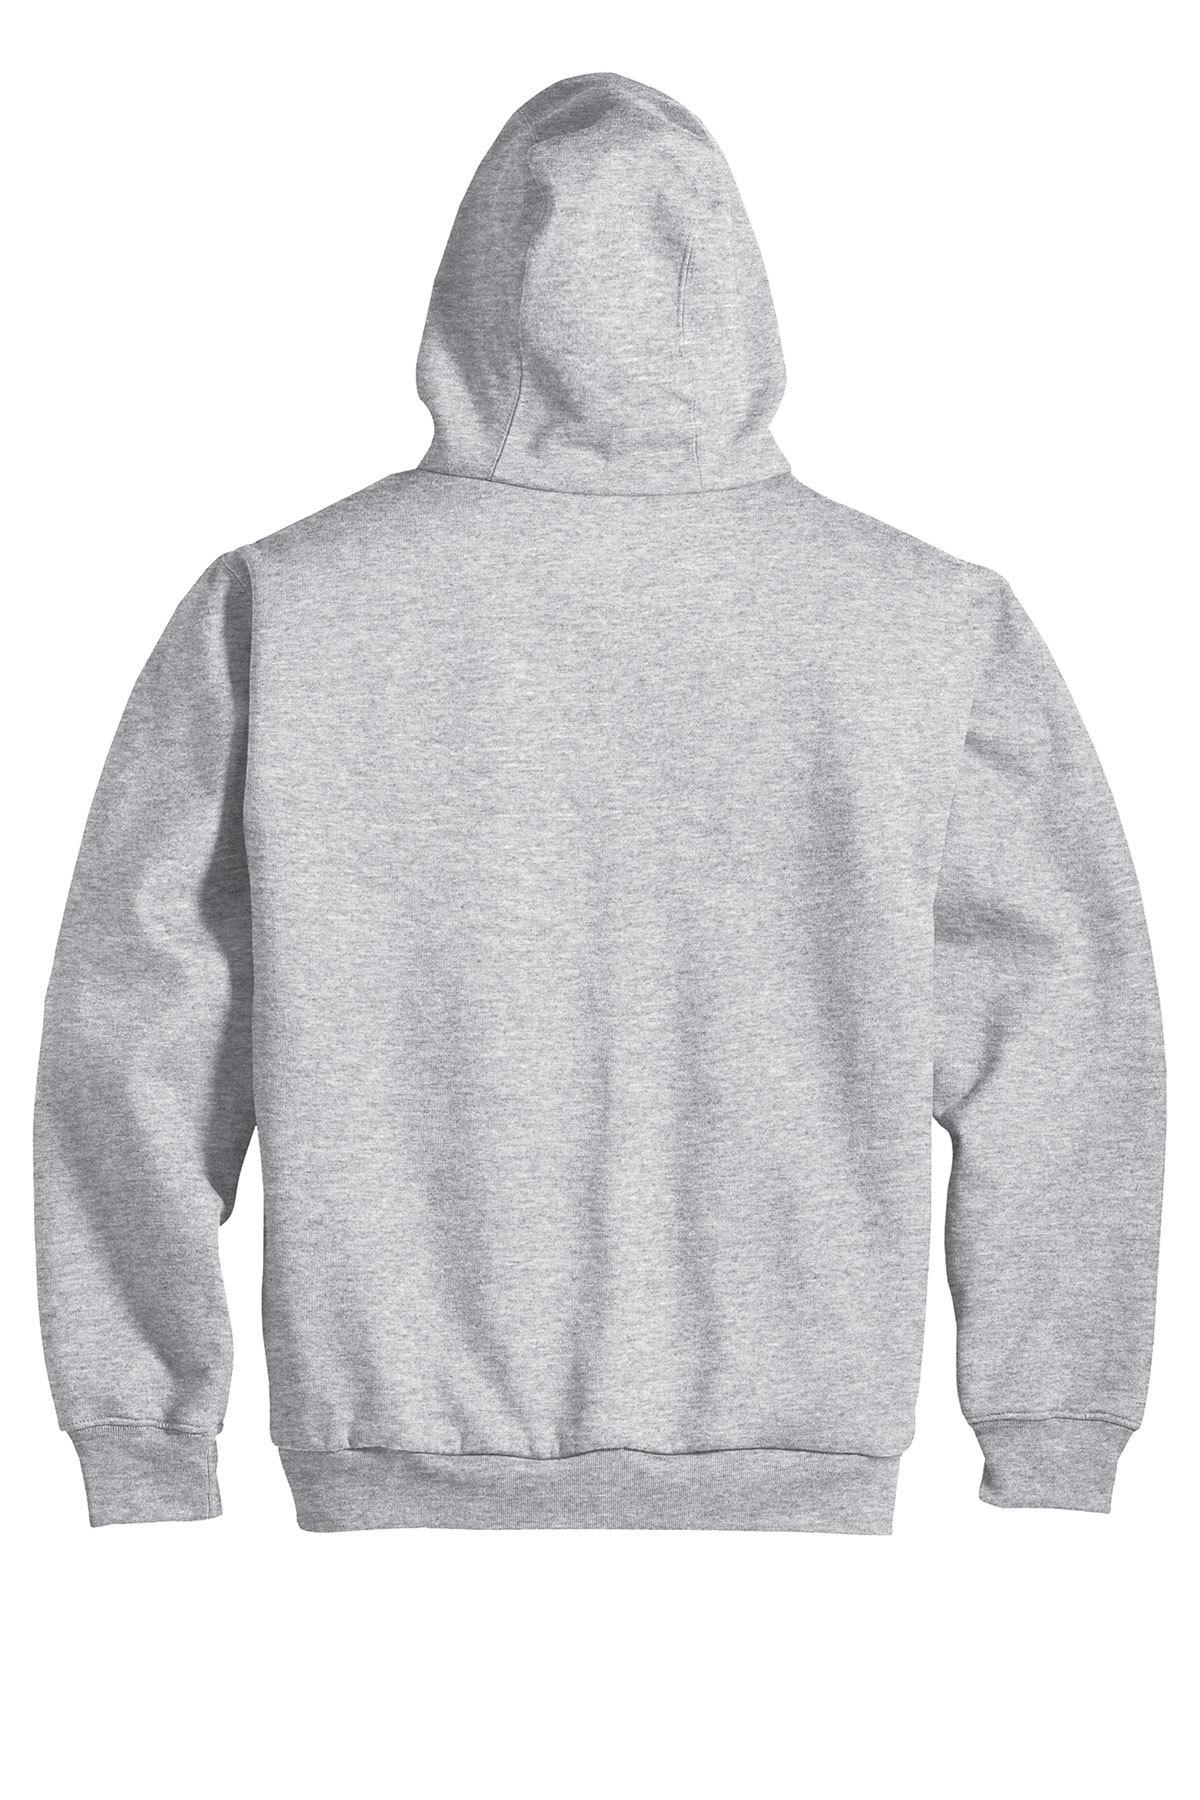 Heavyweight Full-Zip Hooded Sweatshirt CS620 CornerStone